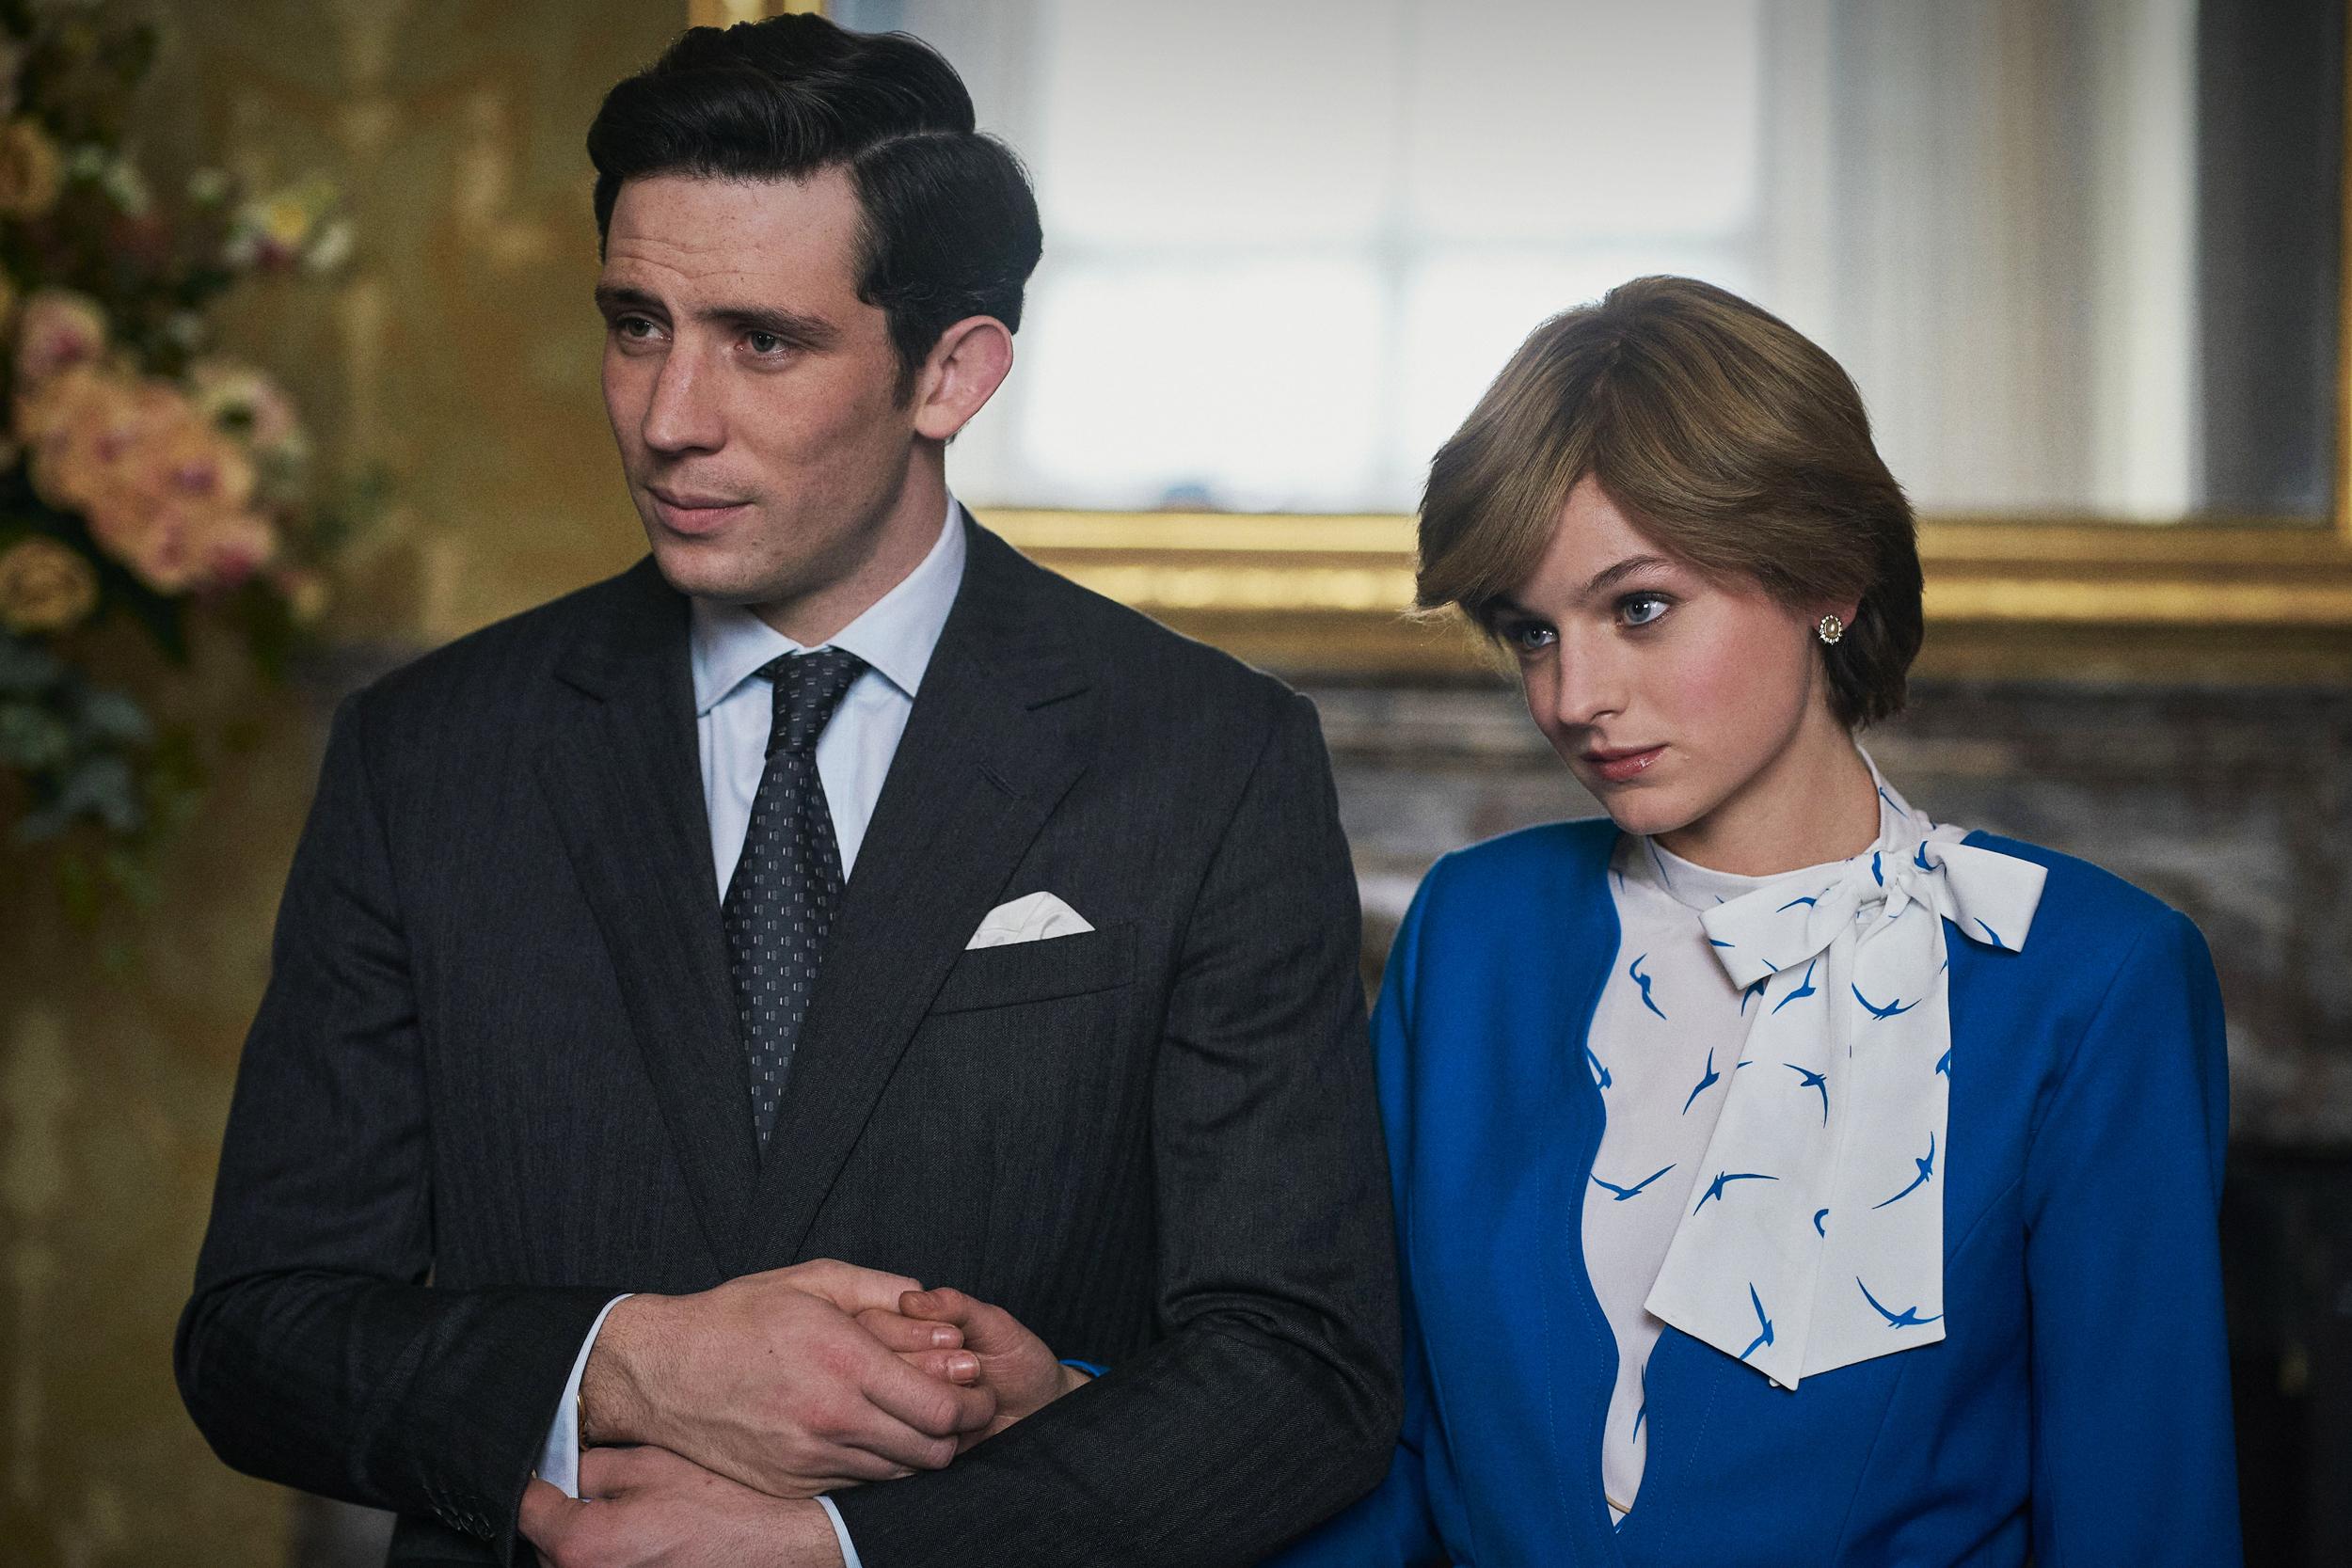 Na foto, Príncipe Charles, moreno e alto, veste um terno cinza escuro. Enquanto, Diana veste um vestido azul com um lenço branco estampado.